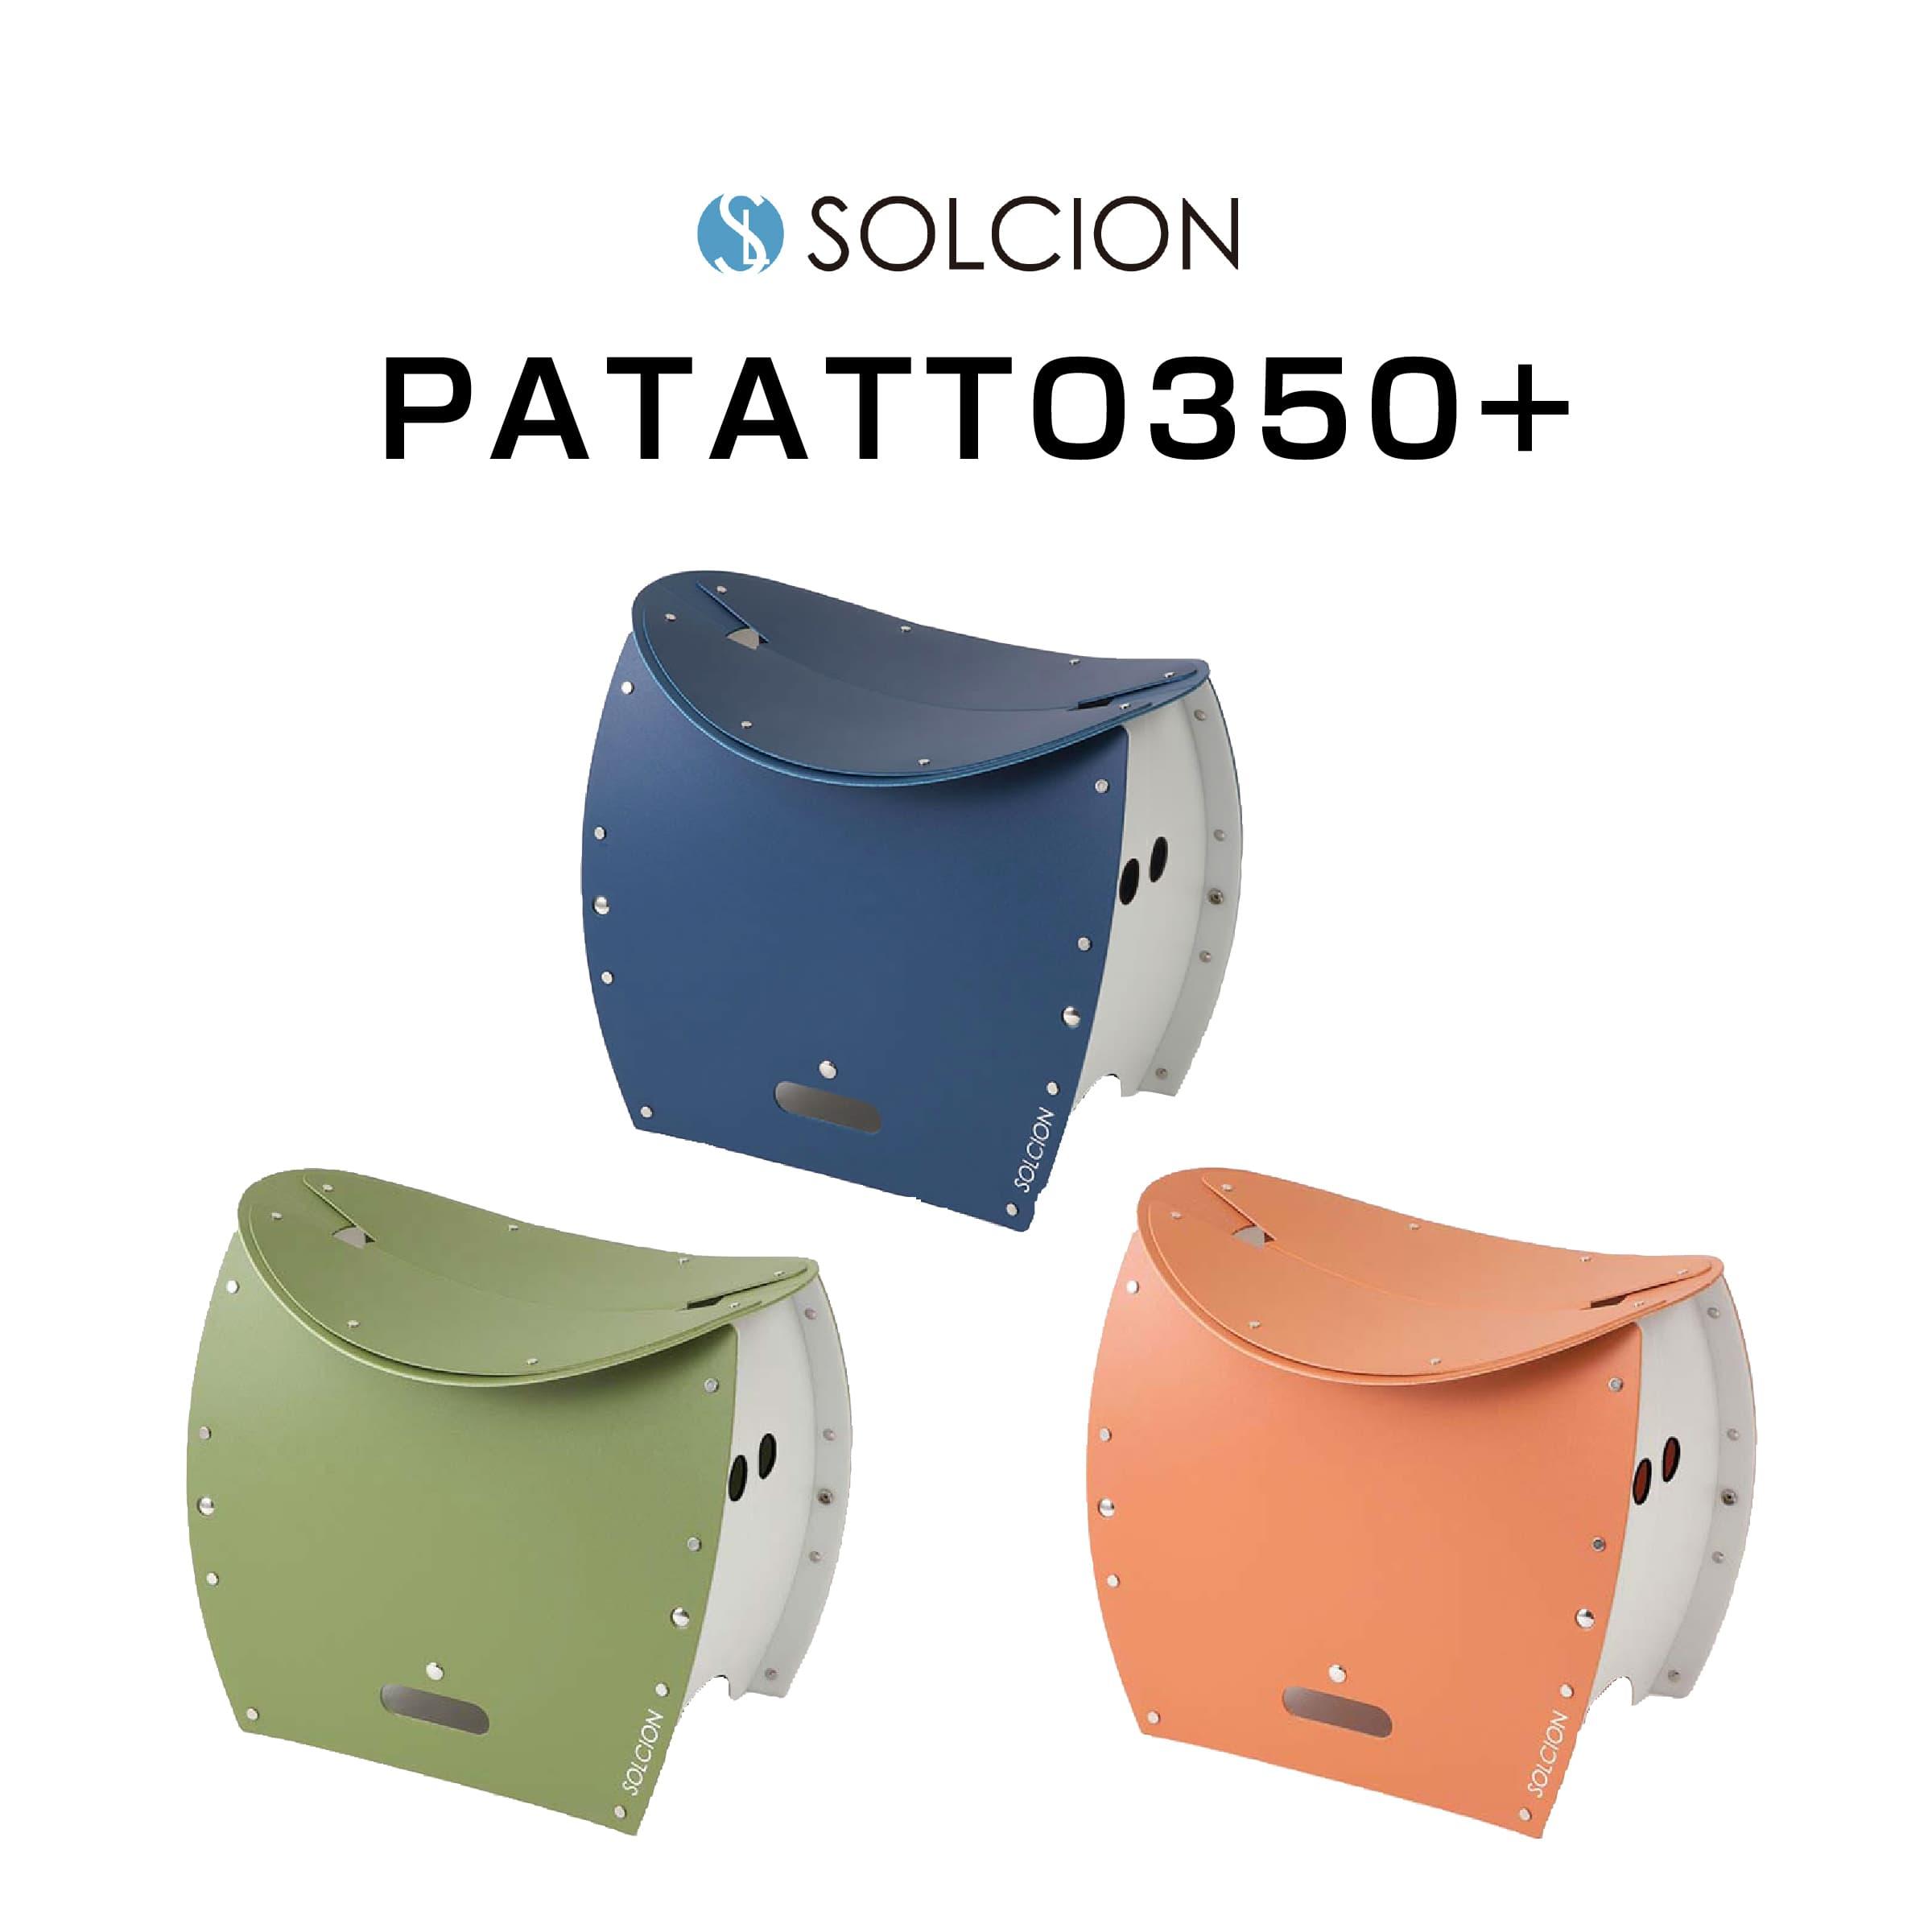 スタイリッシュ な 折りたたみ イス キャンプ や アウトドア に おすすめ 送料無料 海外輸入 PATATTO 爆売り コンパクト 簡易トイレ 椅子 おしゃれ SOLCION 350+ イケックス工業 ピクニック パタット